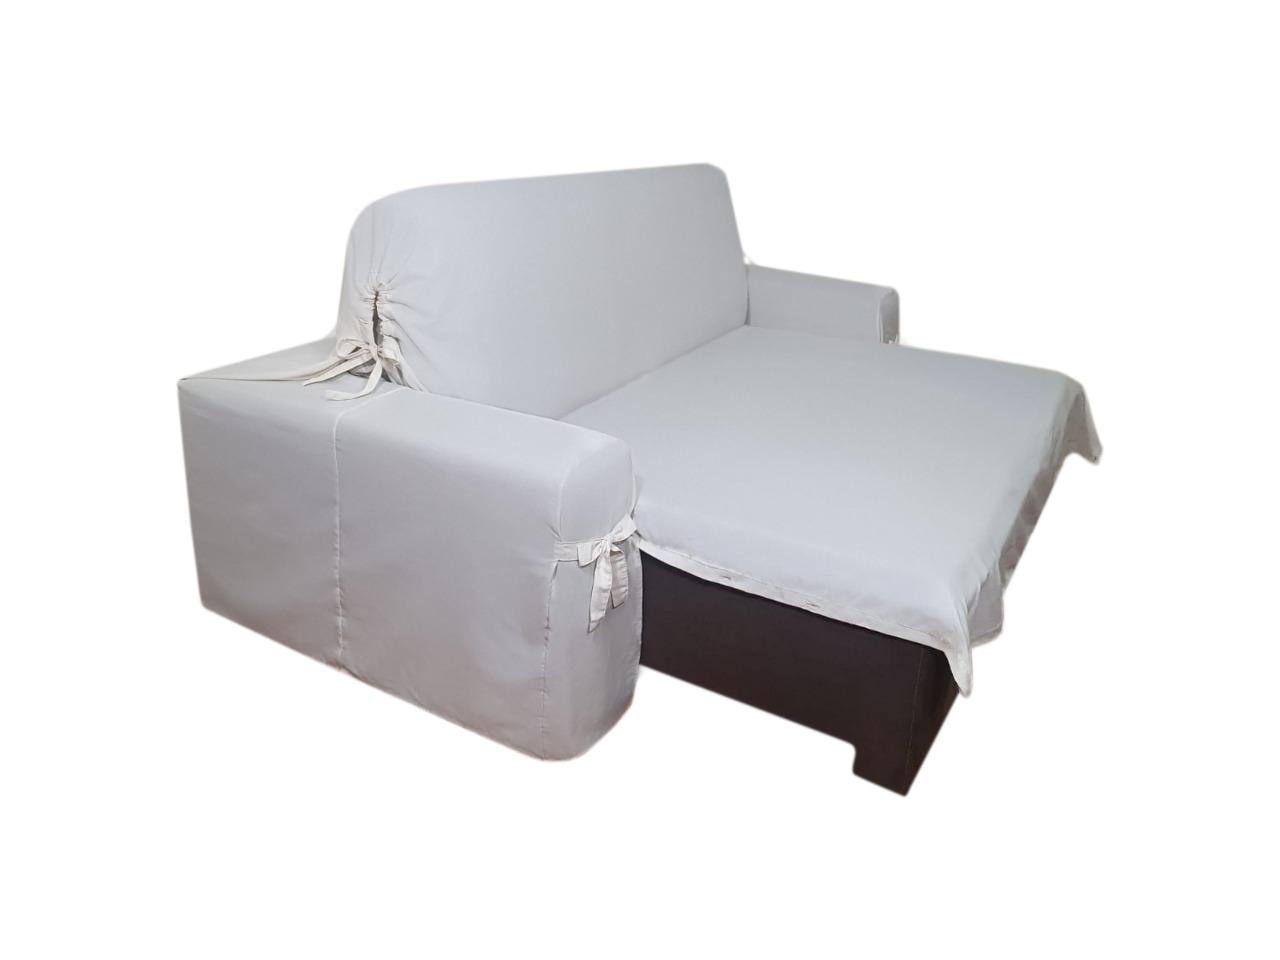 Capa p/ Sofá Retrátil e Reclinável em Acquablock Impermeável CRU - Veste Sofás de 2,36m até 2,65m